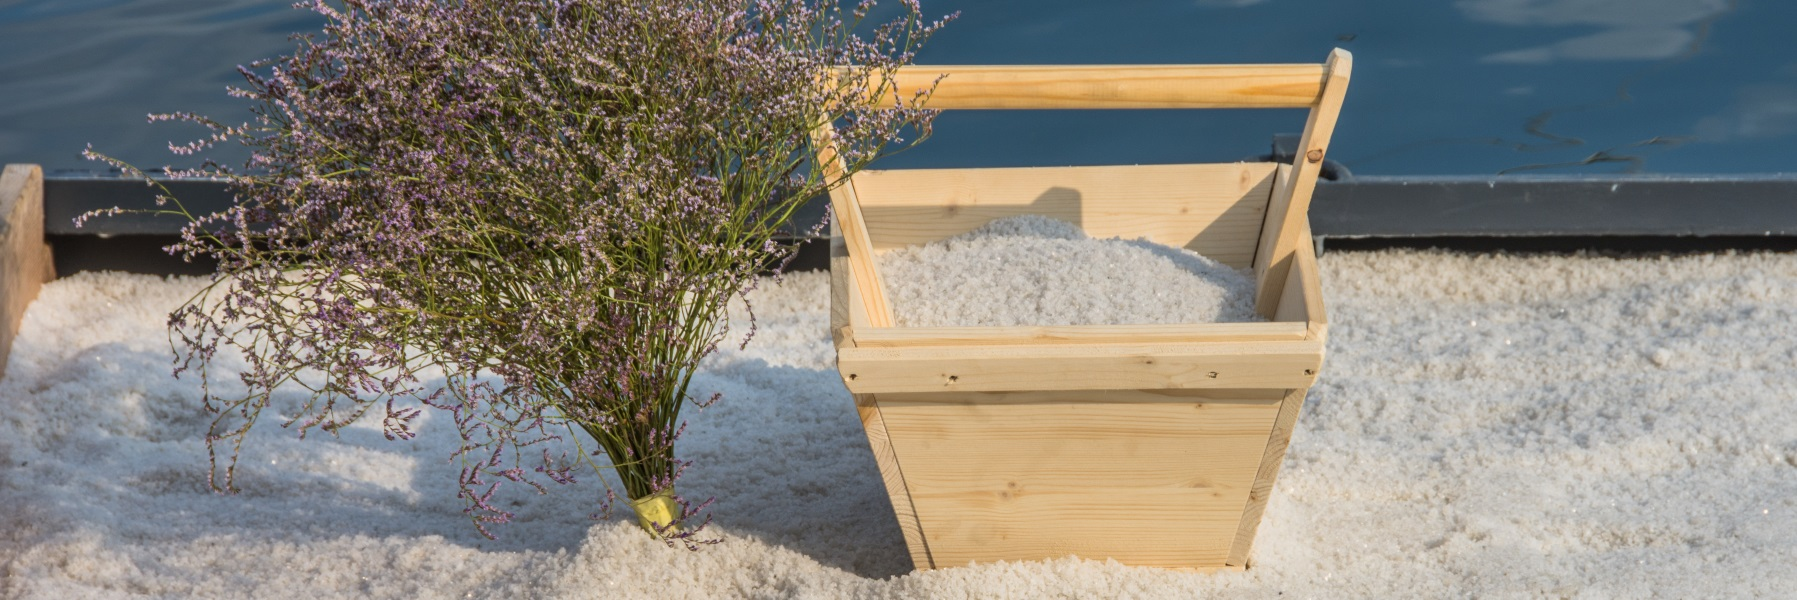 Armèsa de sel - Cervia's salt storage reenactment